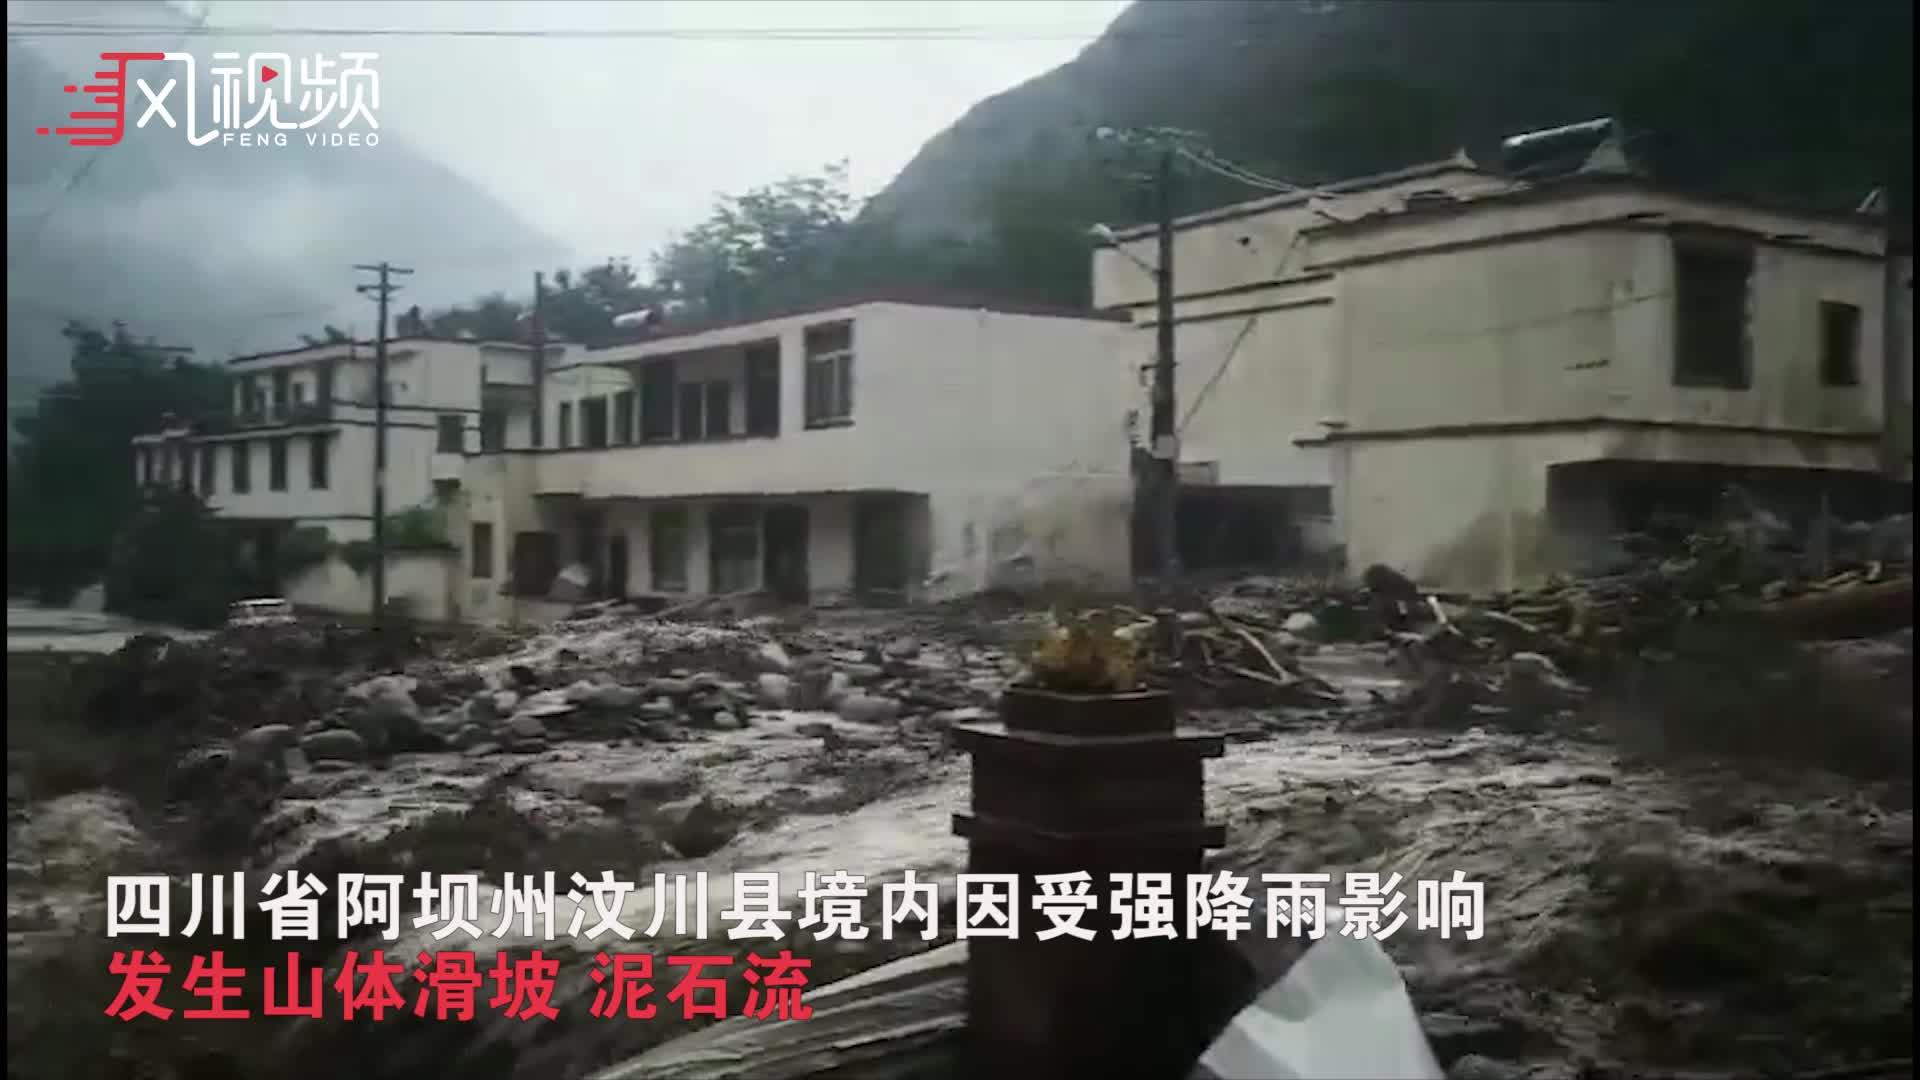 汶川暴雨引发泥石流大桥冲毁民房被淹 一名参与抢险救援消防员牺牲